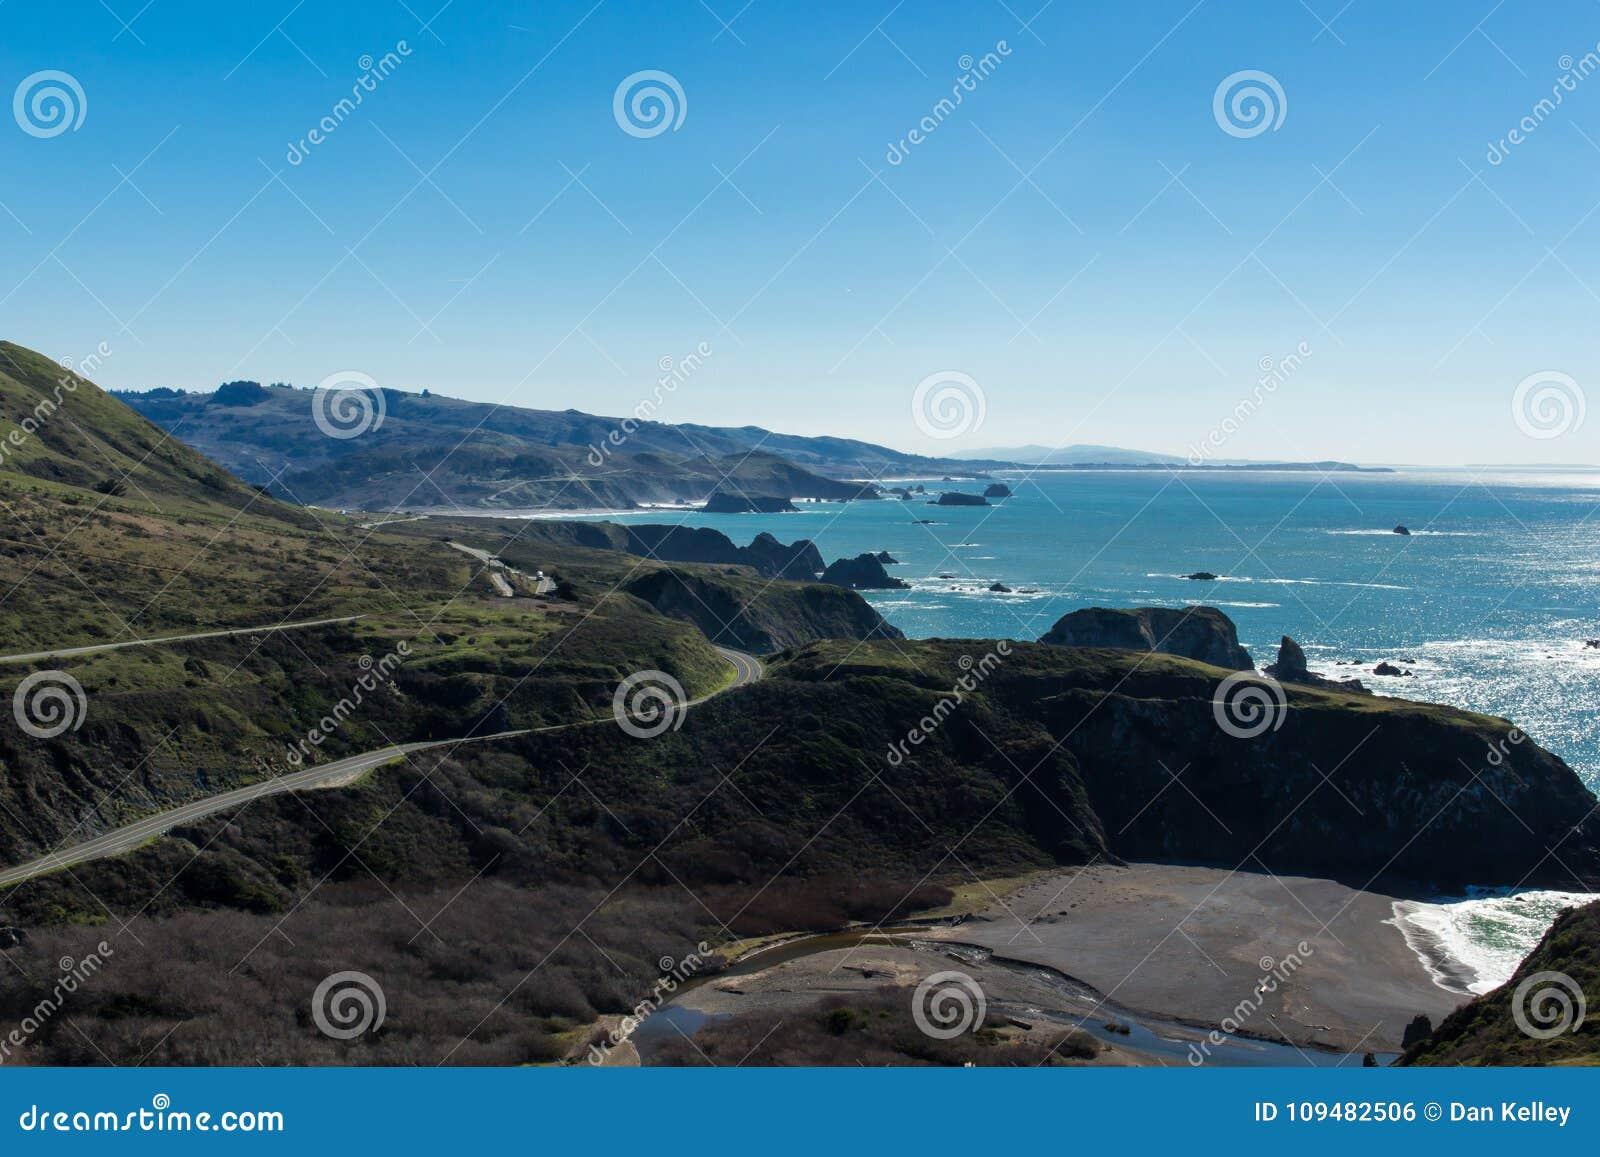 Εθνική οδός ένα που κουρδίζει τη βόρεια παράλια Ειρηνικού